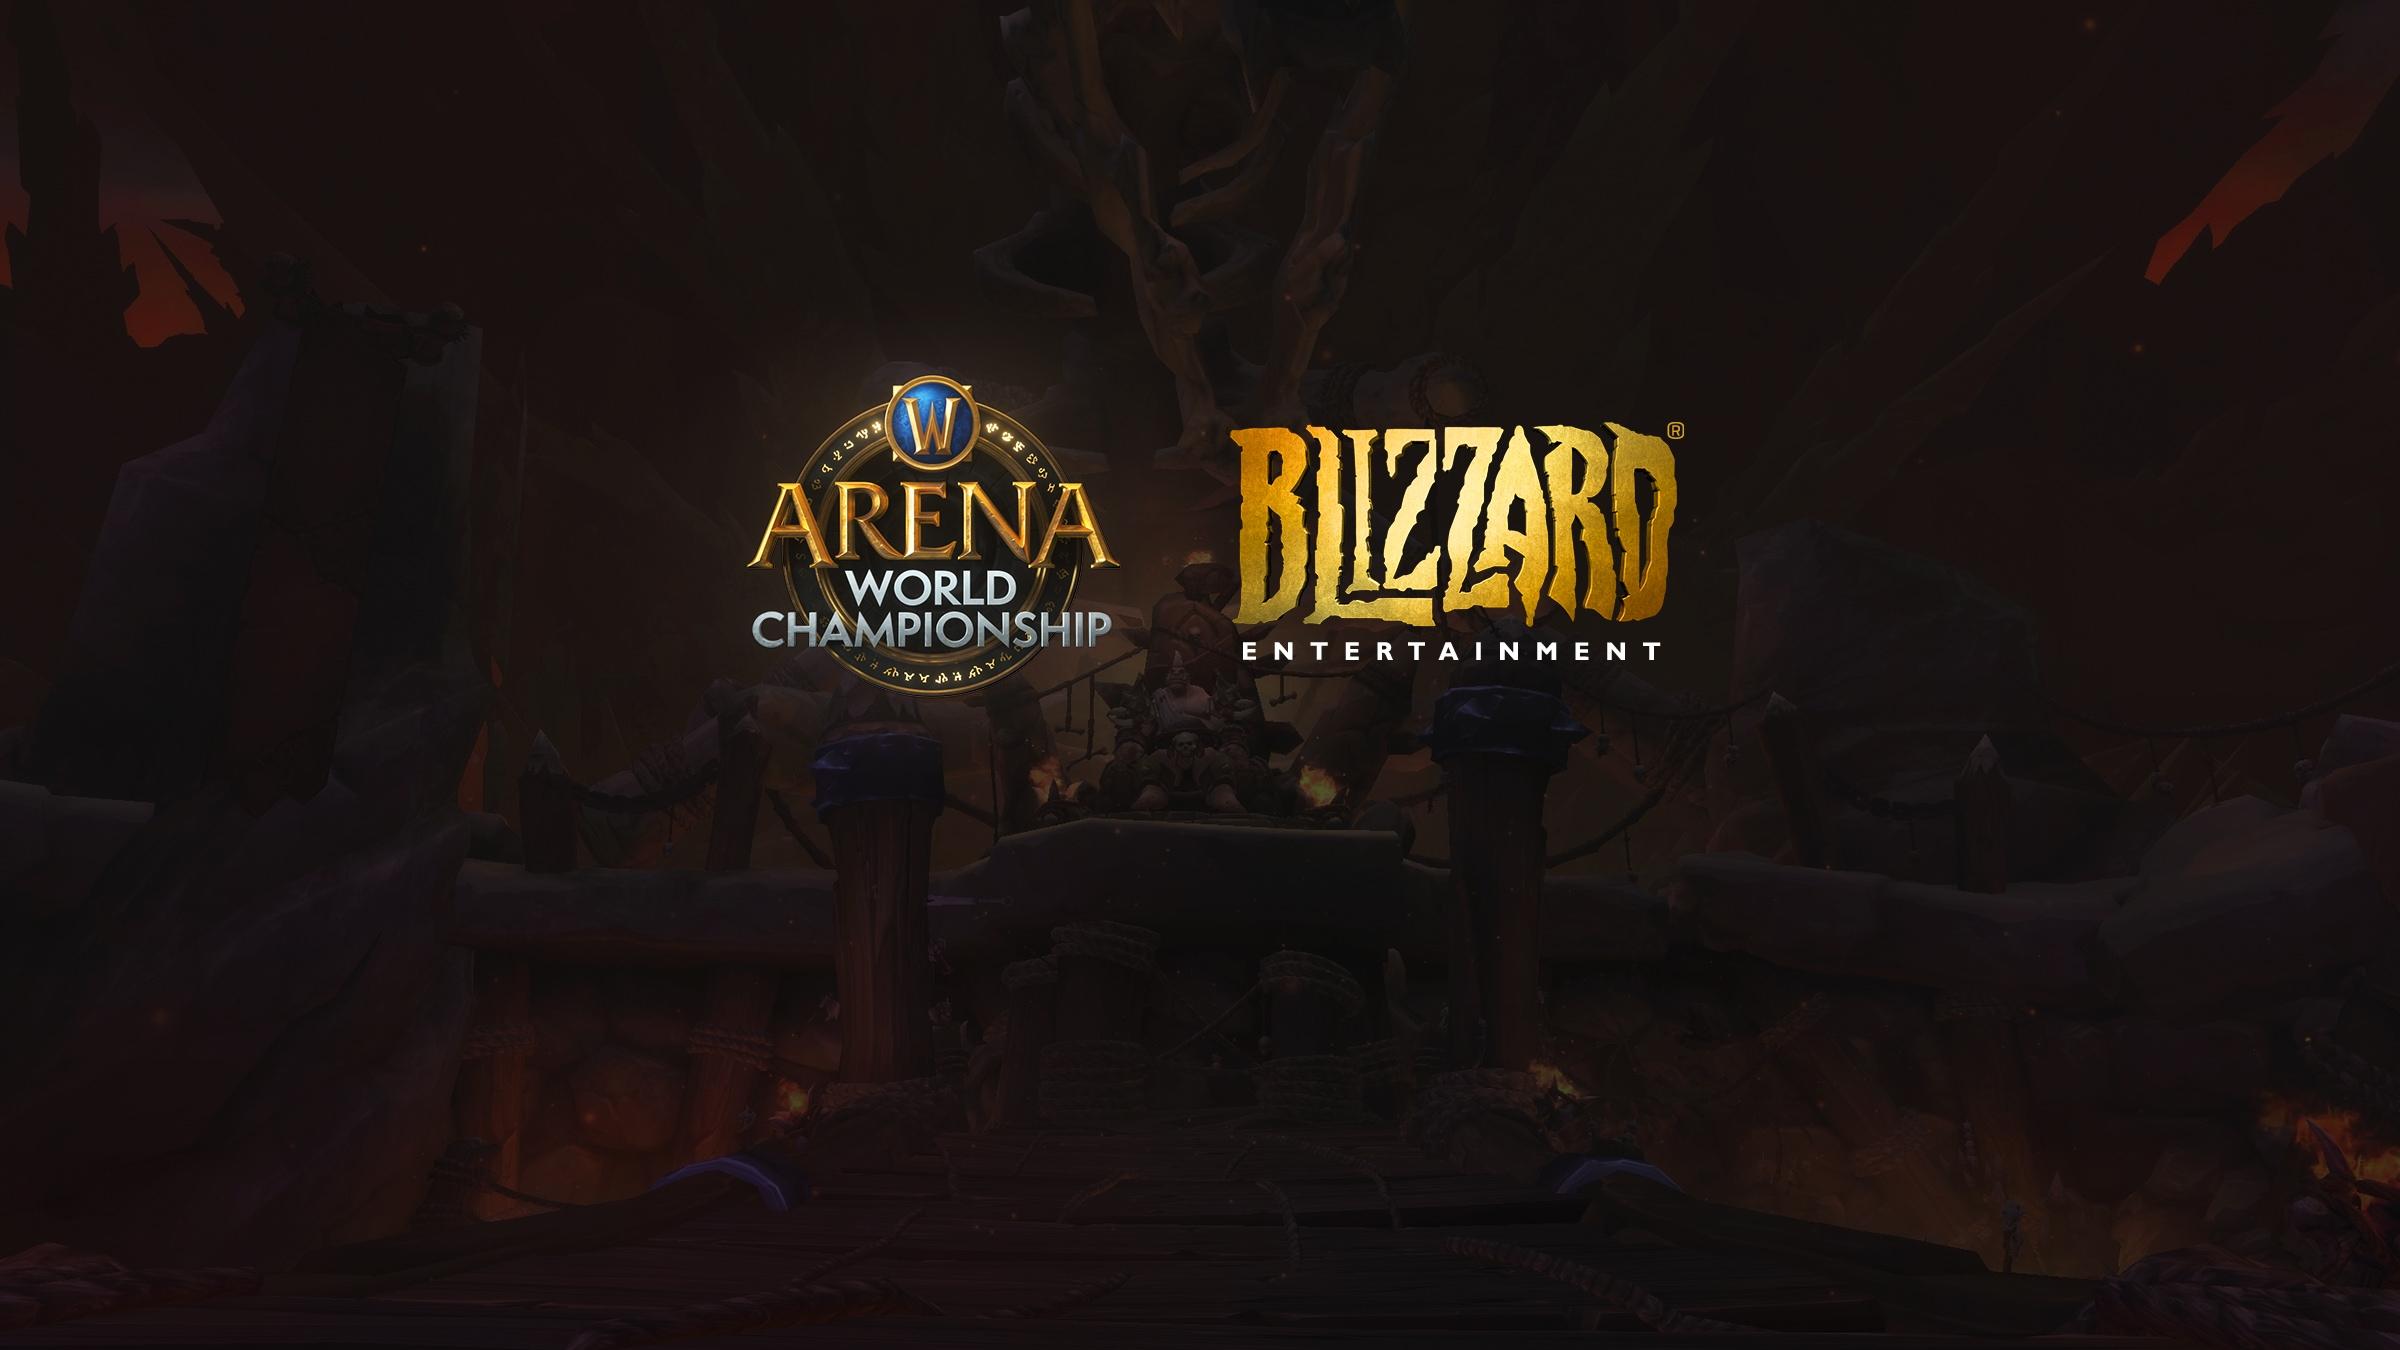 Änderungen für die Arena World Championship 2020